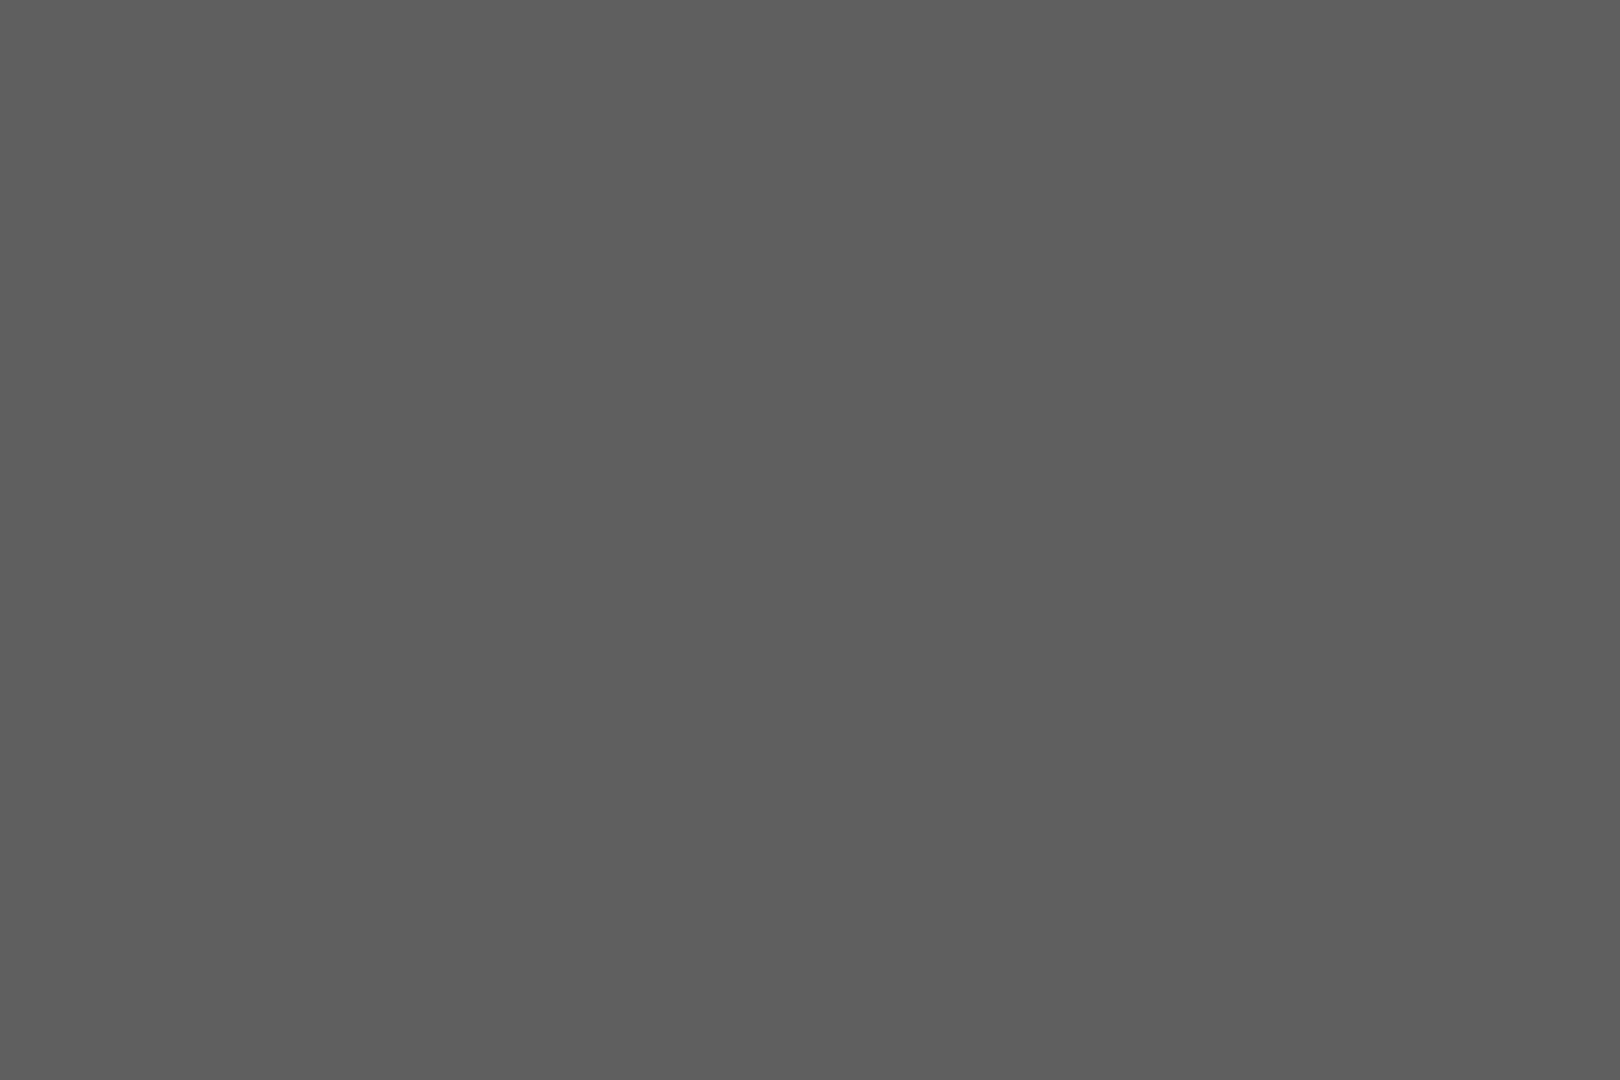 充血監督の深夜の運動会Vol.8 エッチなセックス セックス無修正動画無料 106画像 57